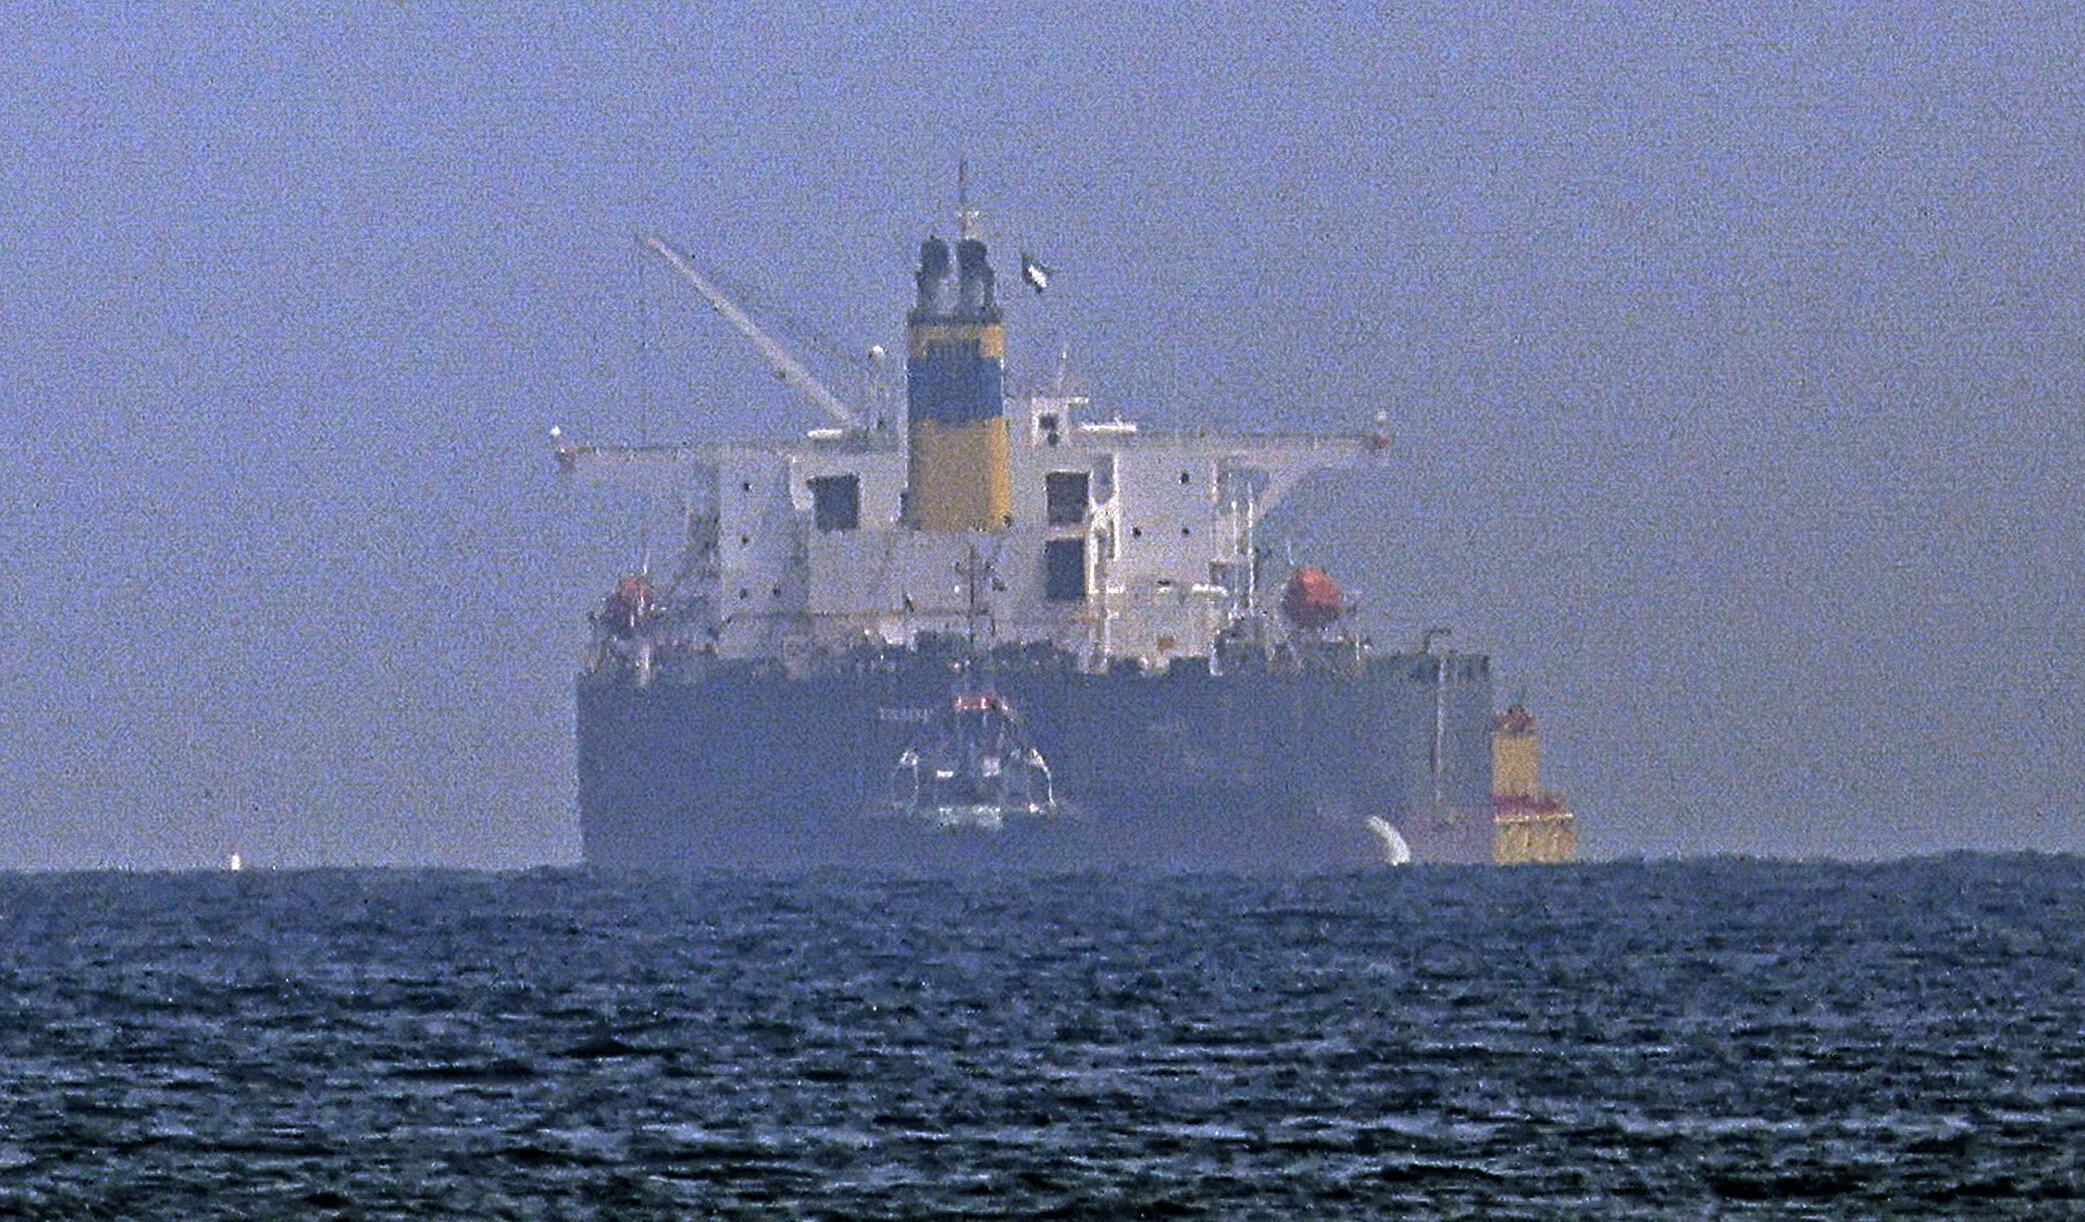 """ناقلة النفط """"أم/تي ميرسر ستريت"""" التي يشغّلها رجل أعمال إسرائيلي وتعرضت لهجوم قبالة سواحل عمان تصل إلى مرفأ الفجيرة الإماراتي في 3 آب/أغسطس 2021"""